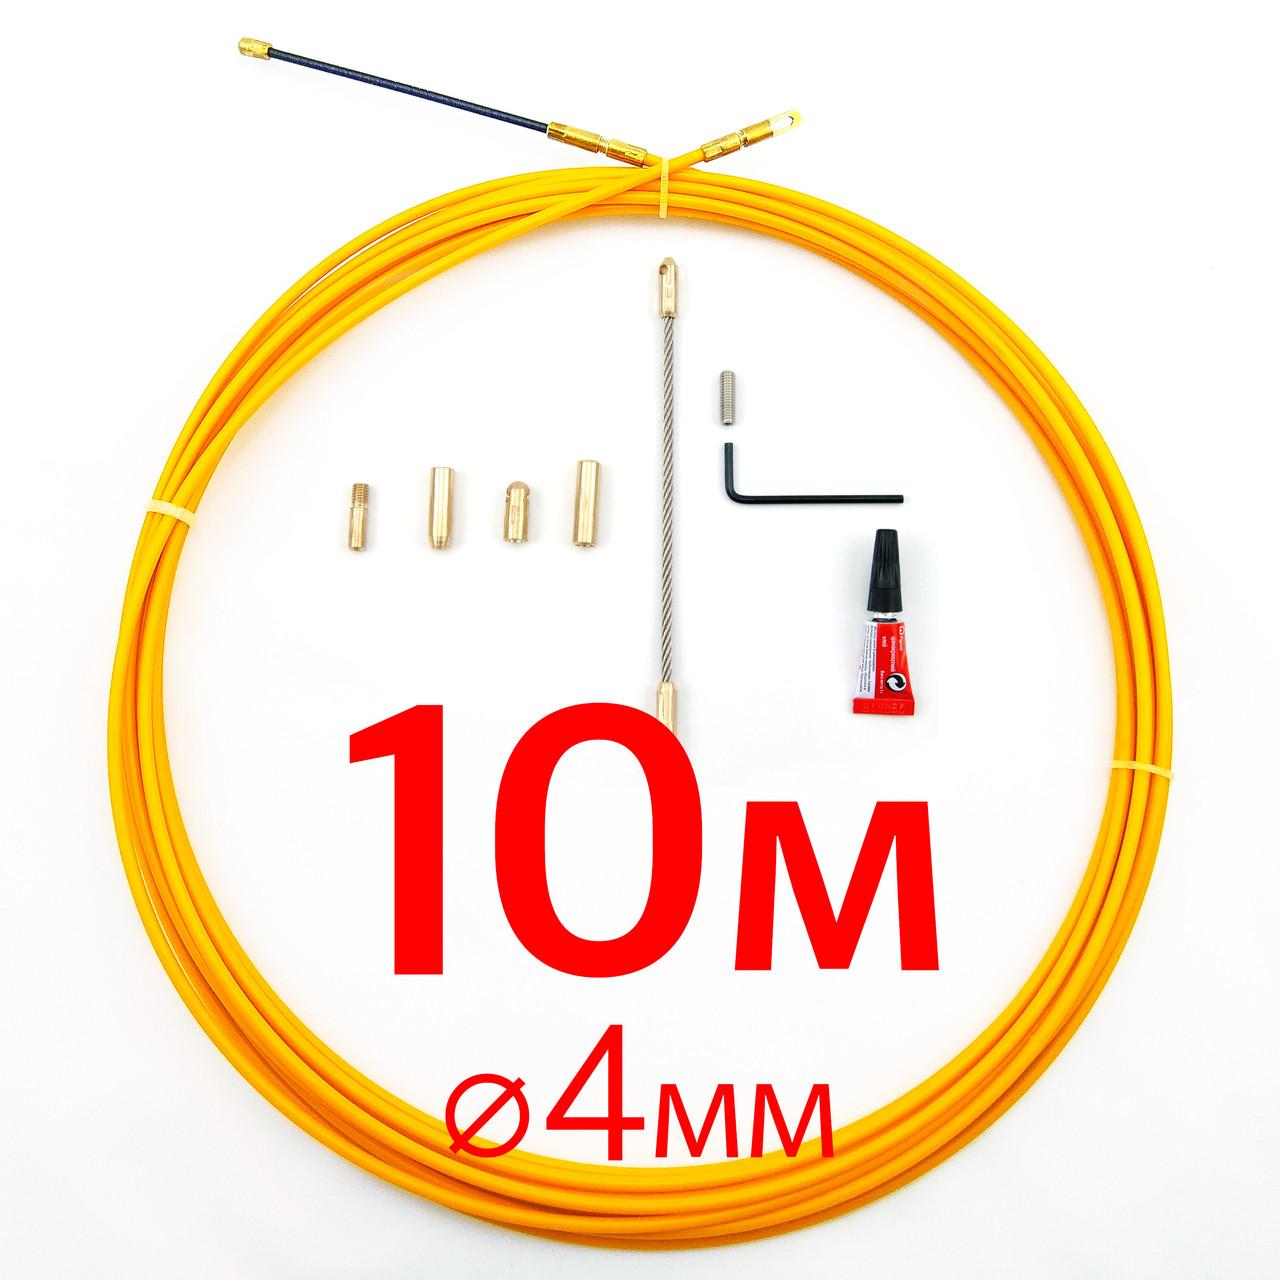 Кабельная протяжка, стеклопруток 4мм х 10м + 7 наконечников, протяжка для кабеля 10 метров, устройство затяжки